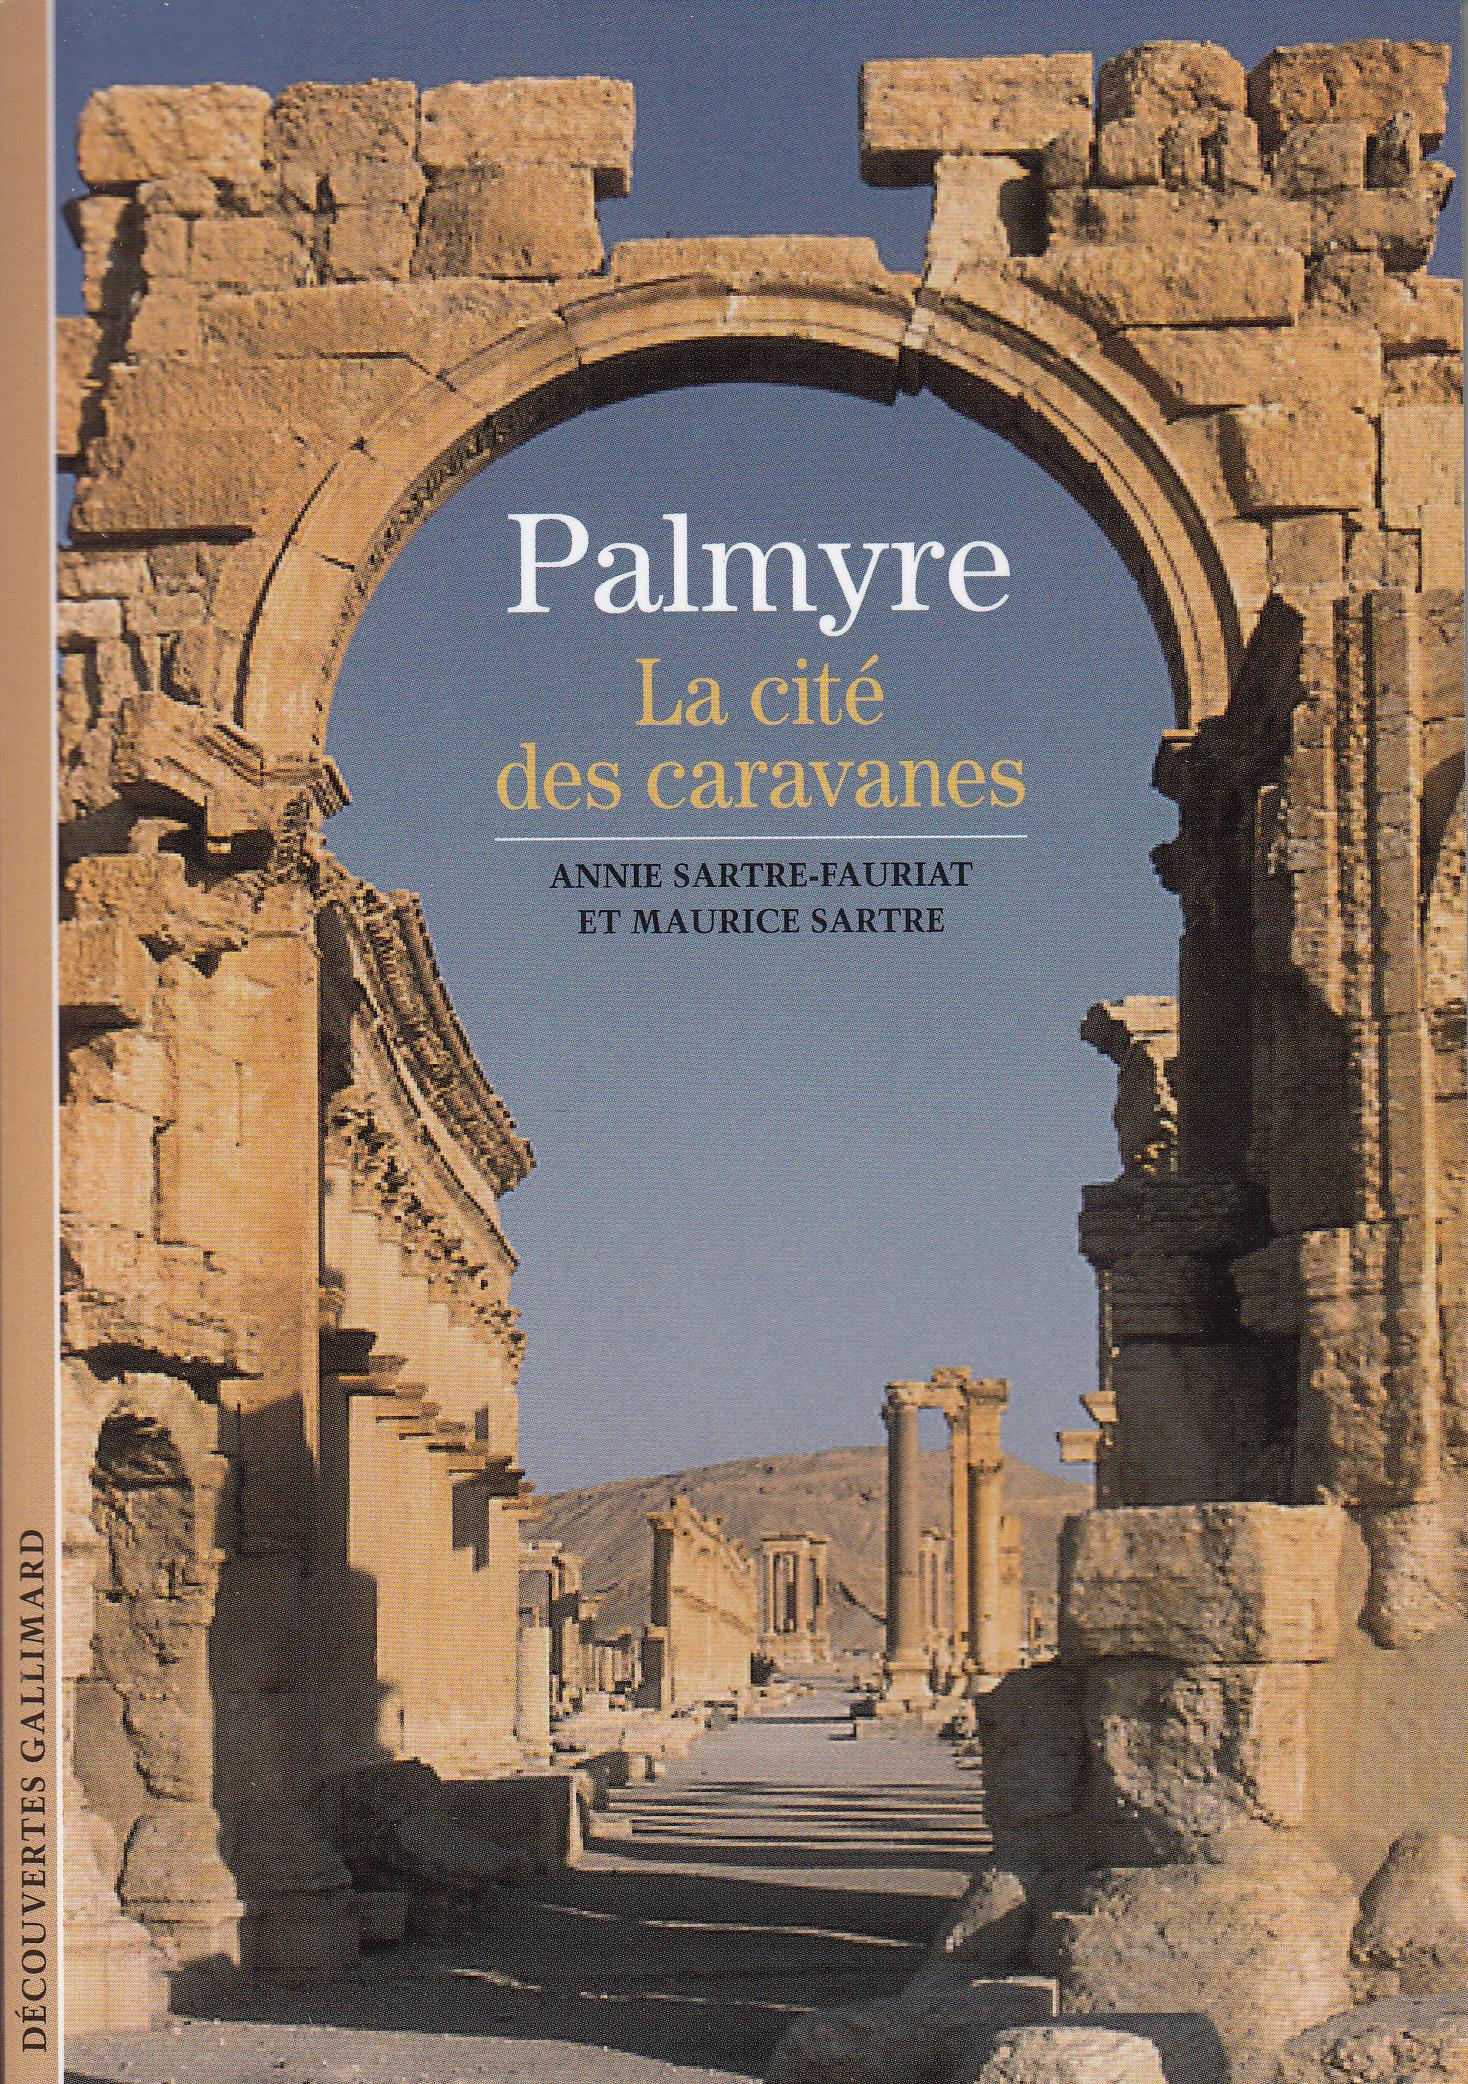 PALMYRE - LA CITE DES CARAVANES